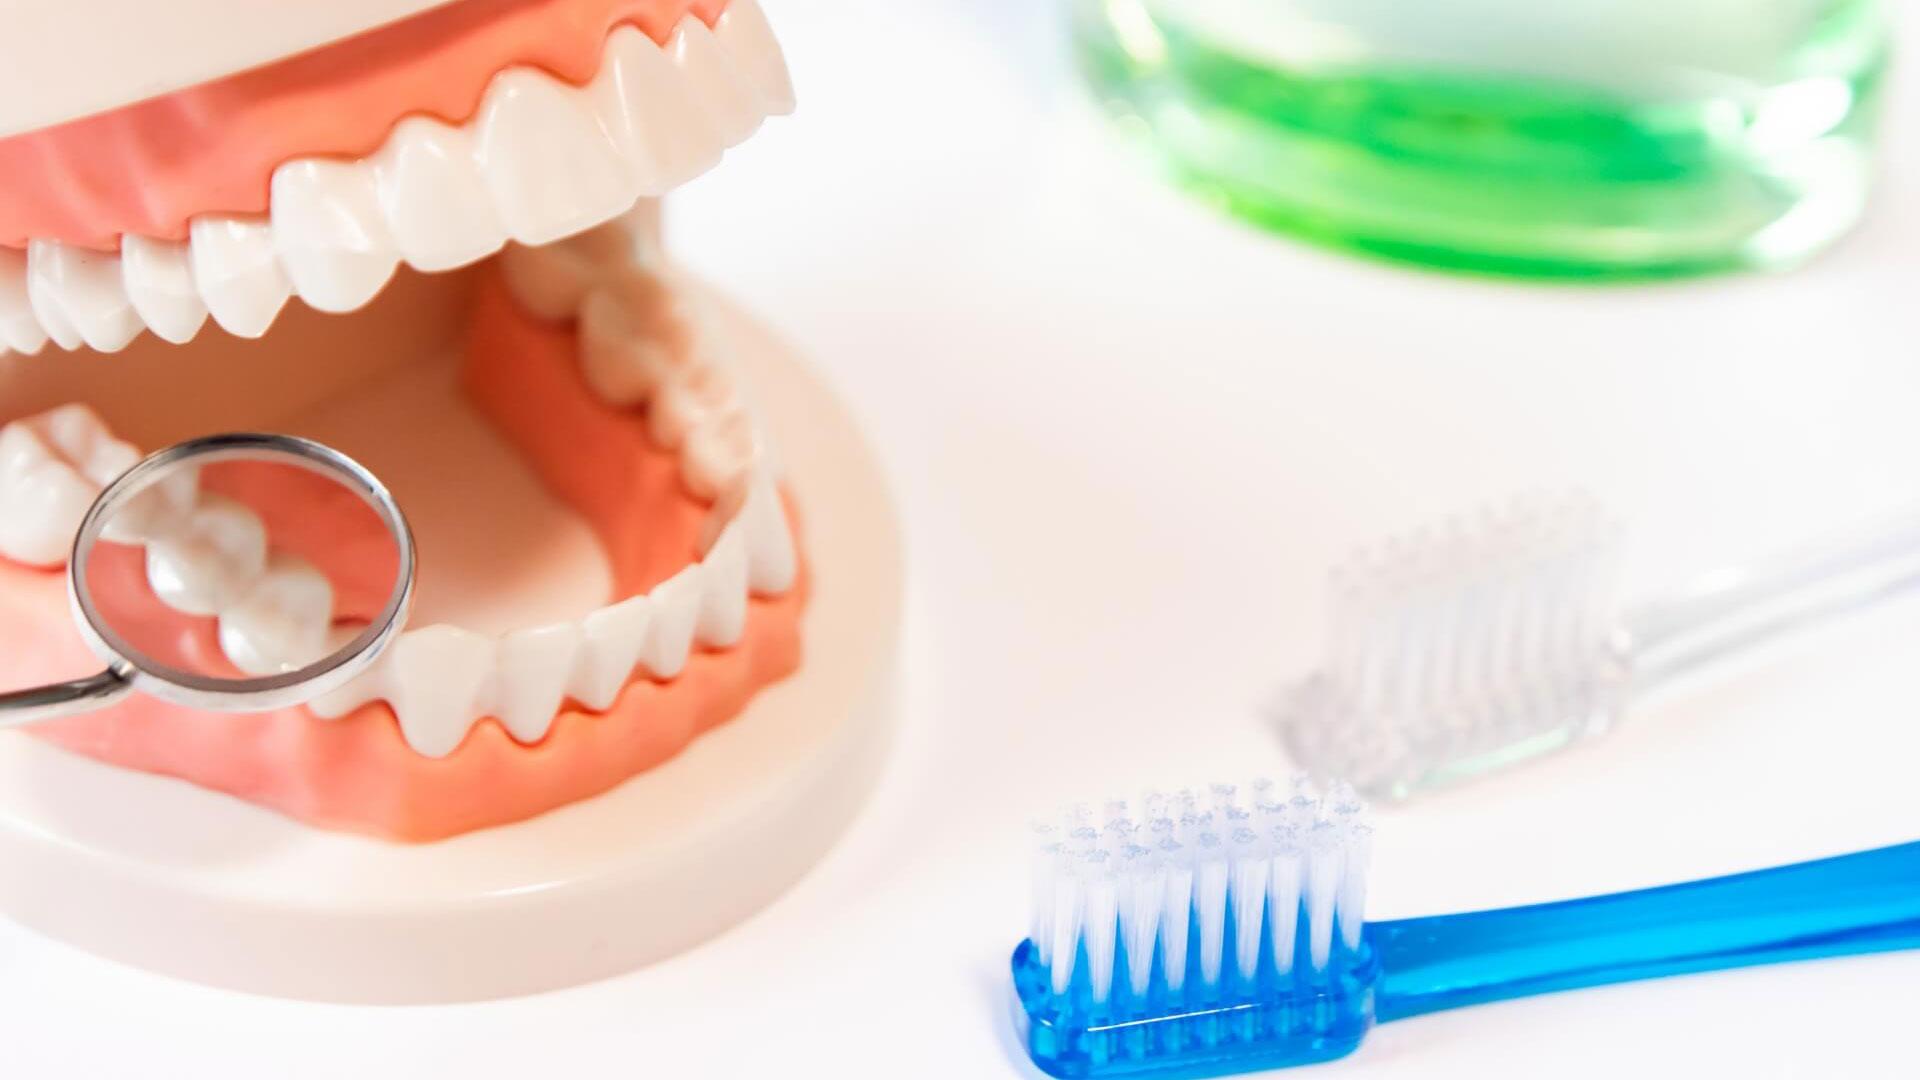 膿 漏 歯槽